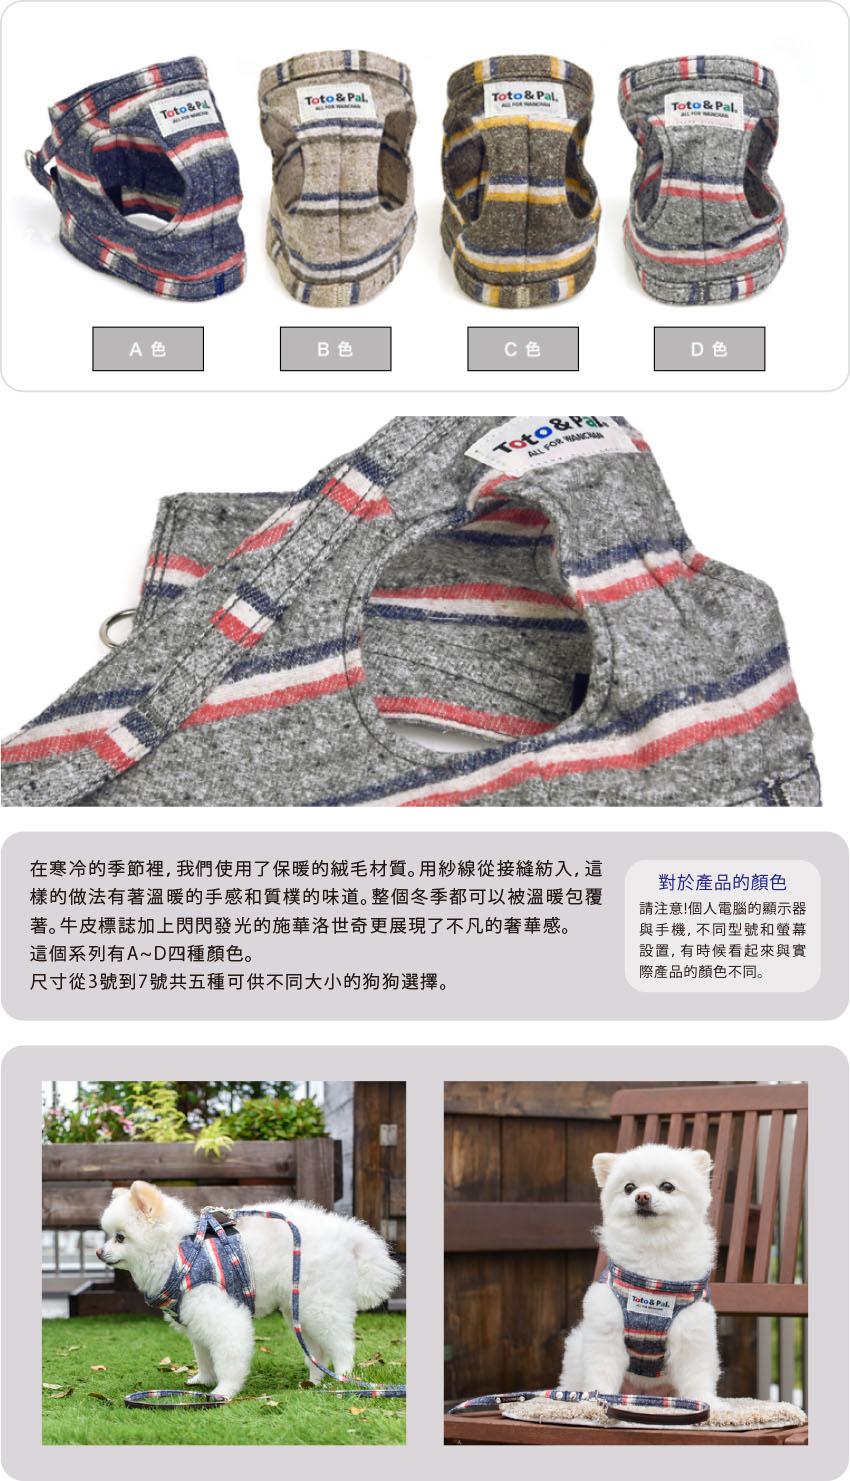 Toto&pal 棋盤格紋 胸背 100% 日本製作 100%純棉 寵物外出用品第一選擇